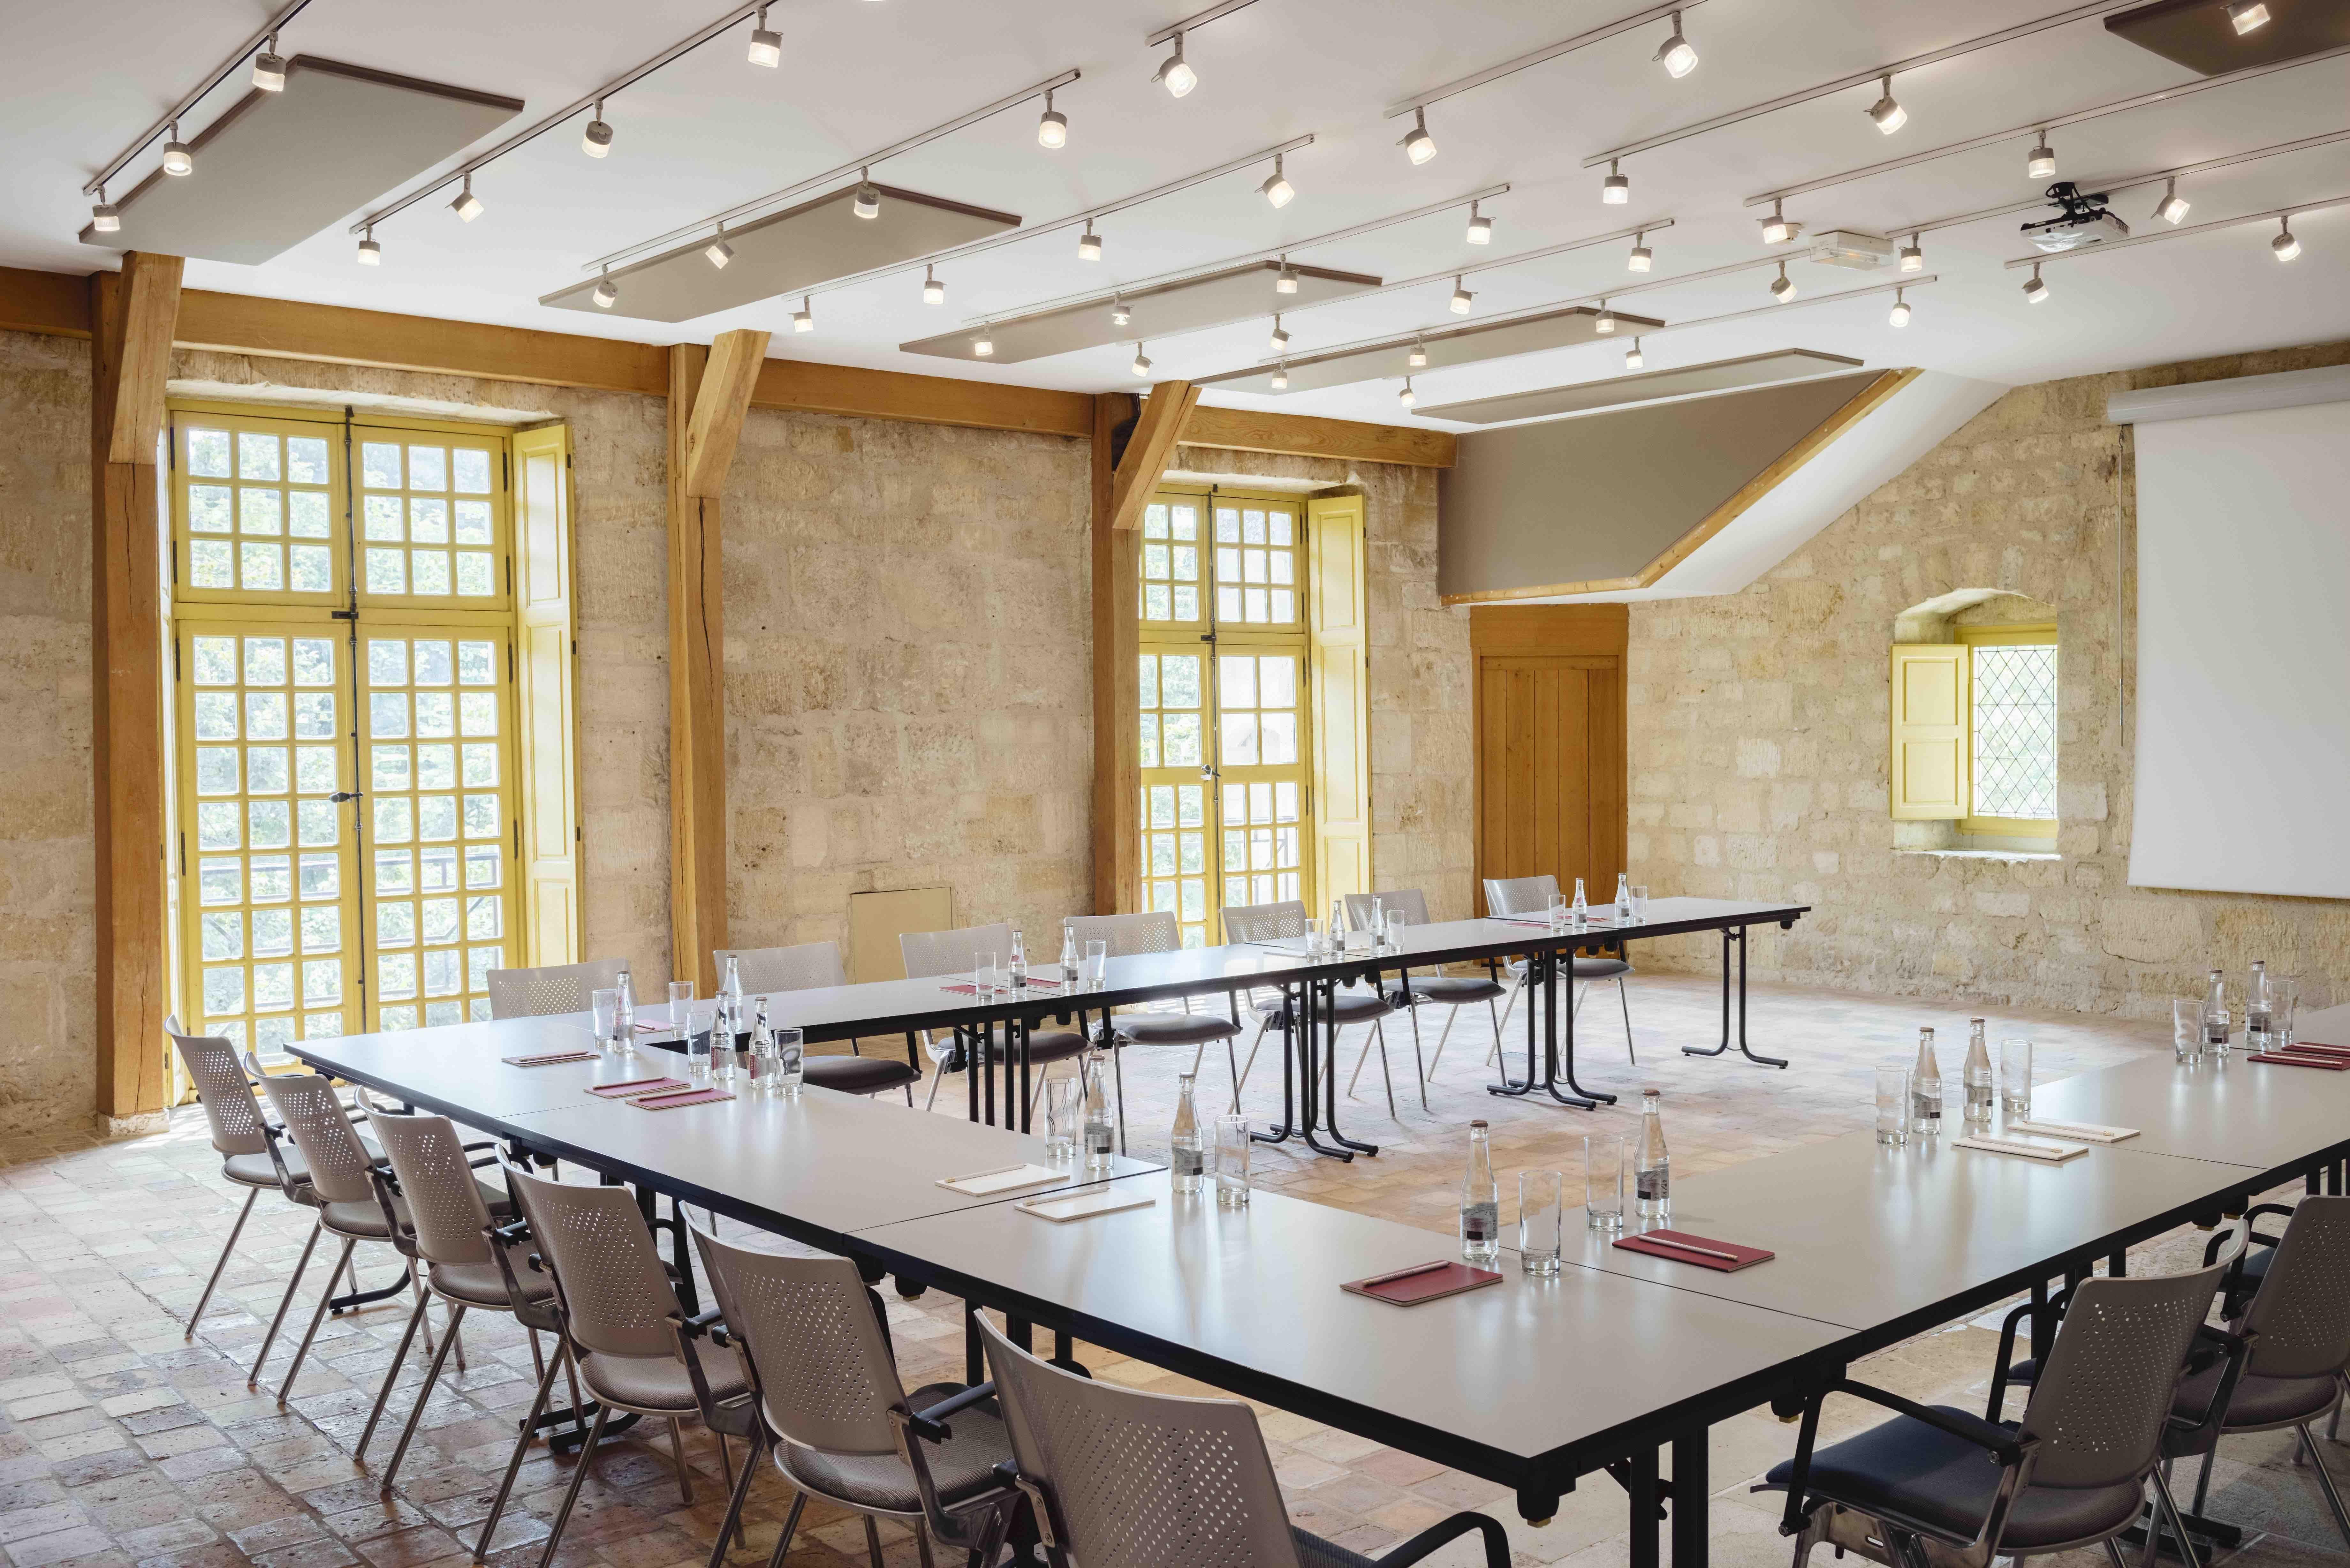 La Poivrière, une salle adaptée aux conférences, cabaret, réunions et ateliers. © Jérôme Galland #Royaumont #abbaye #événement #event #séminaire